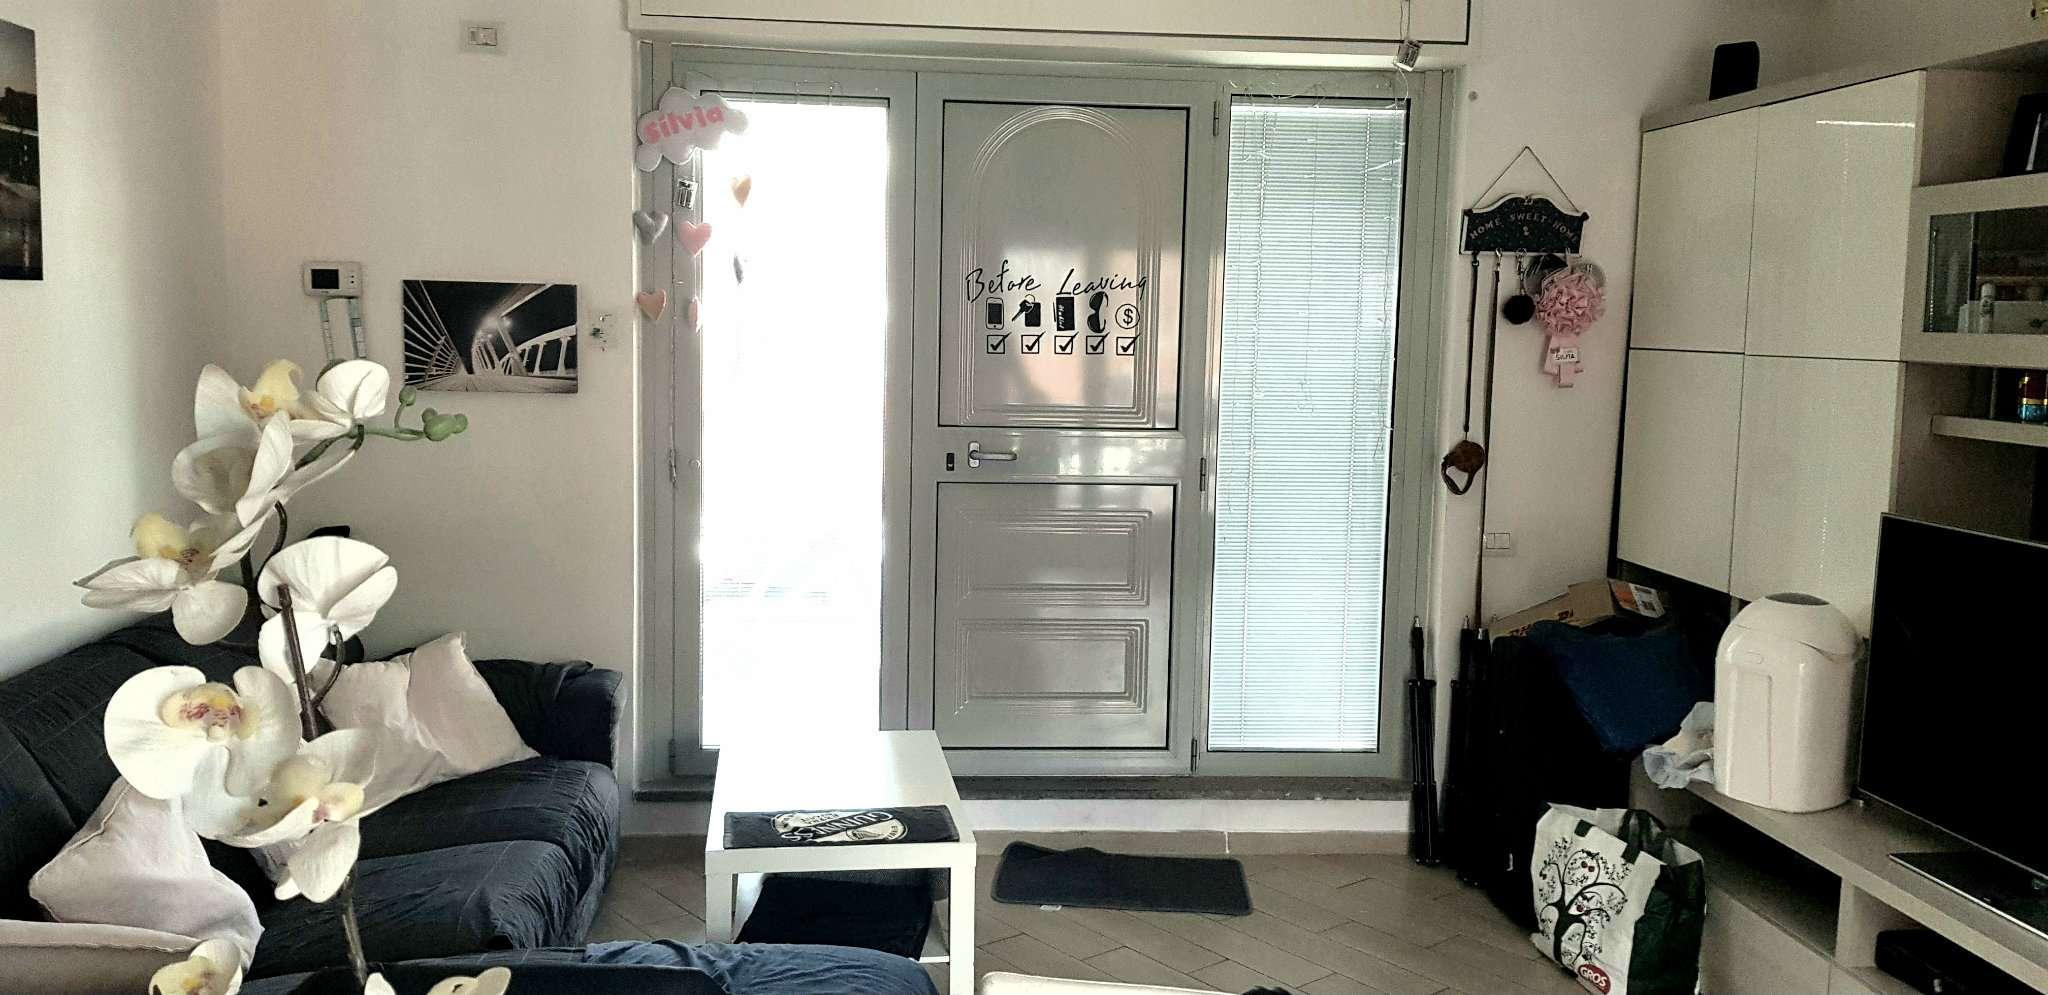 Appartamento in vendita a Roma, 3 locali, zona Zona: 24 . Gianicolense - Colli Portuensi - Monteverde, prezzo € 329.000   CambioCasa.it